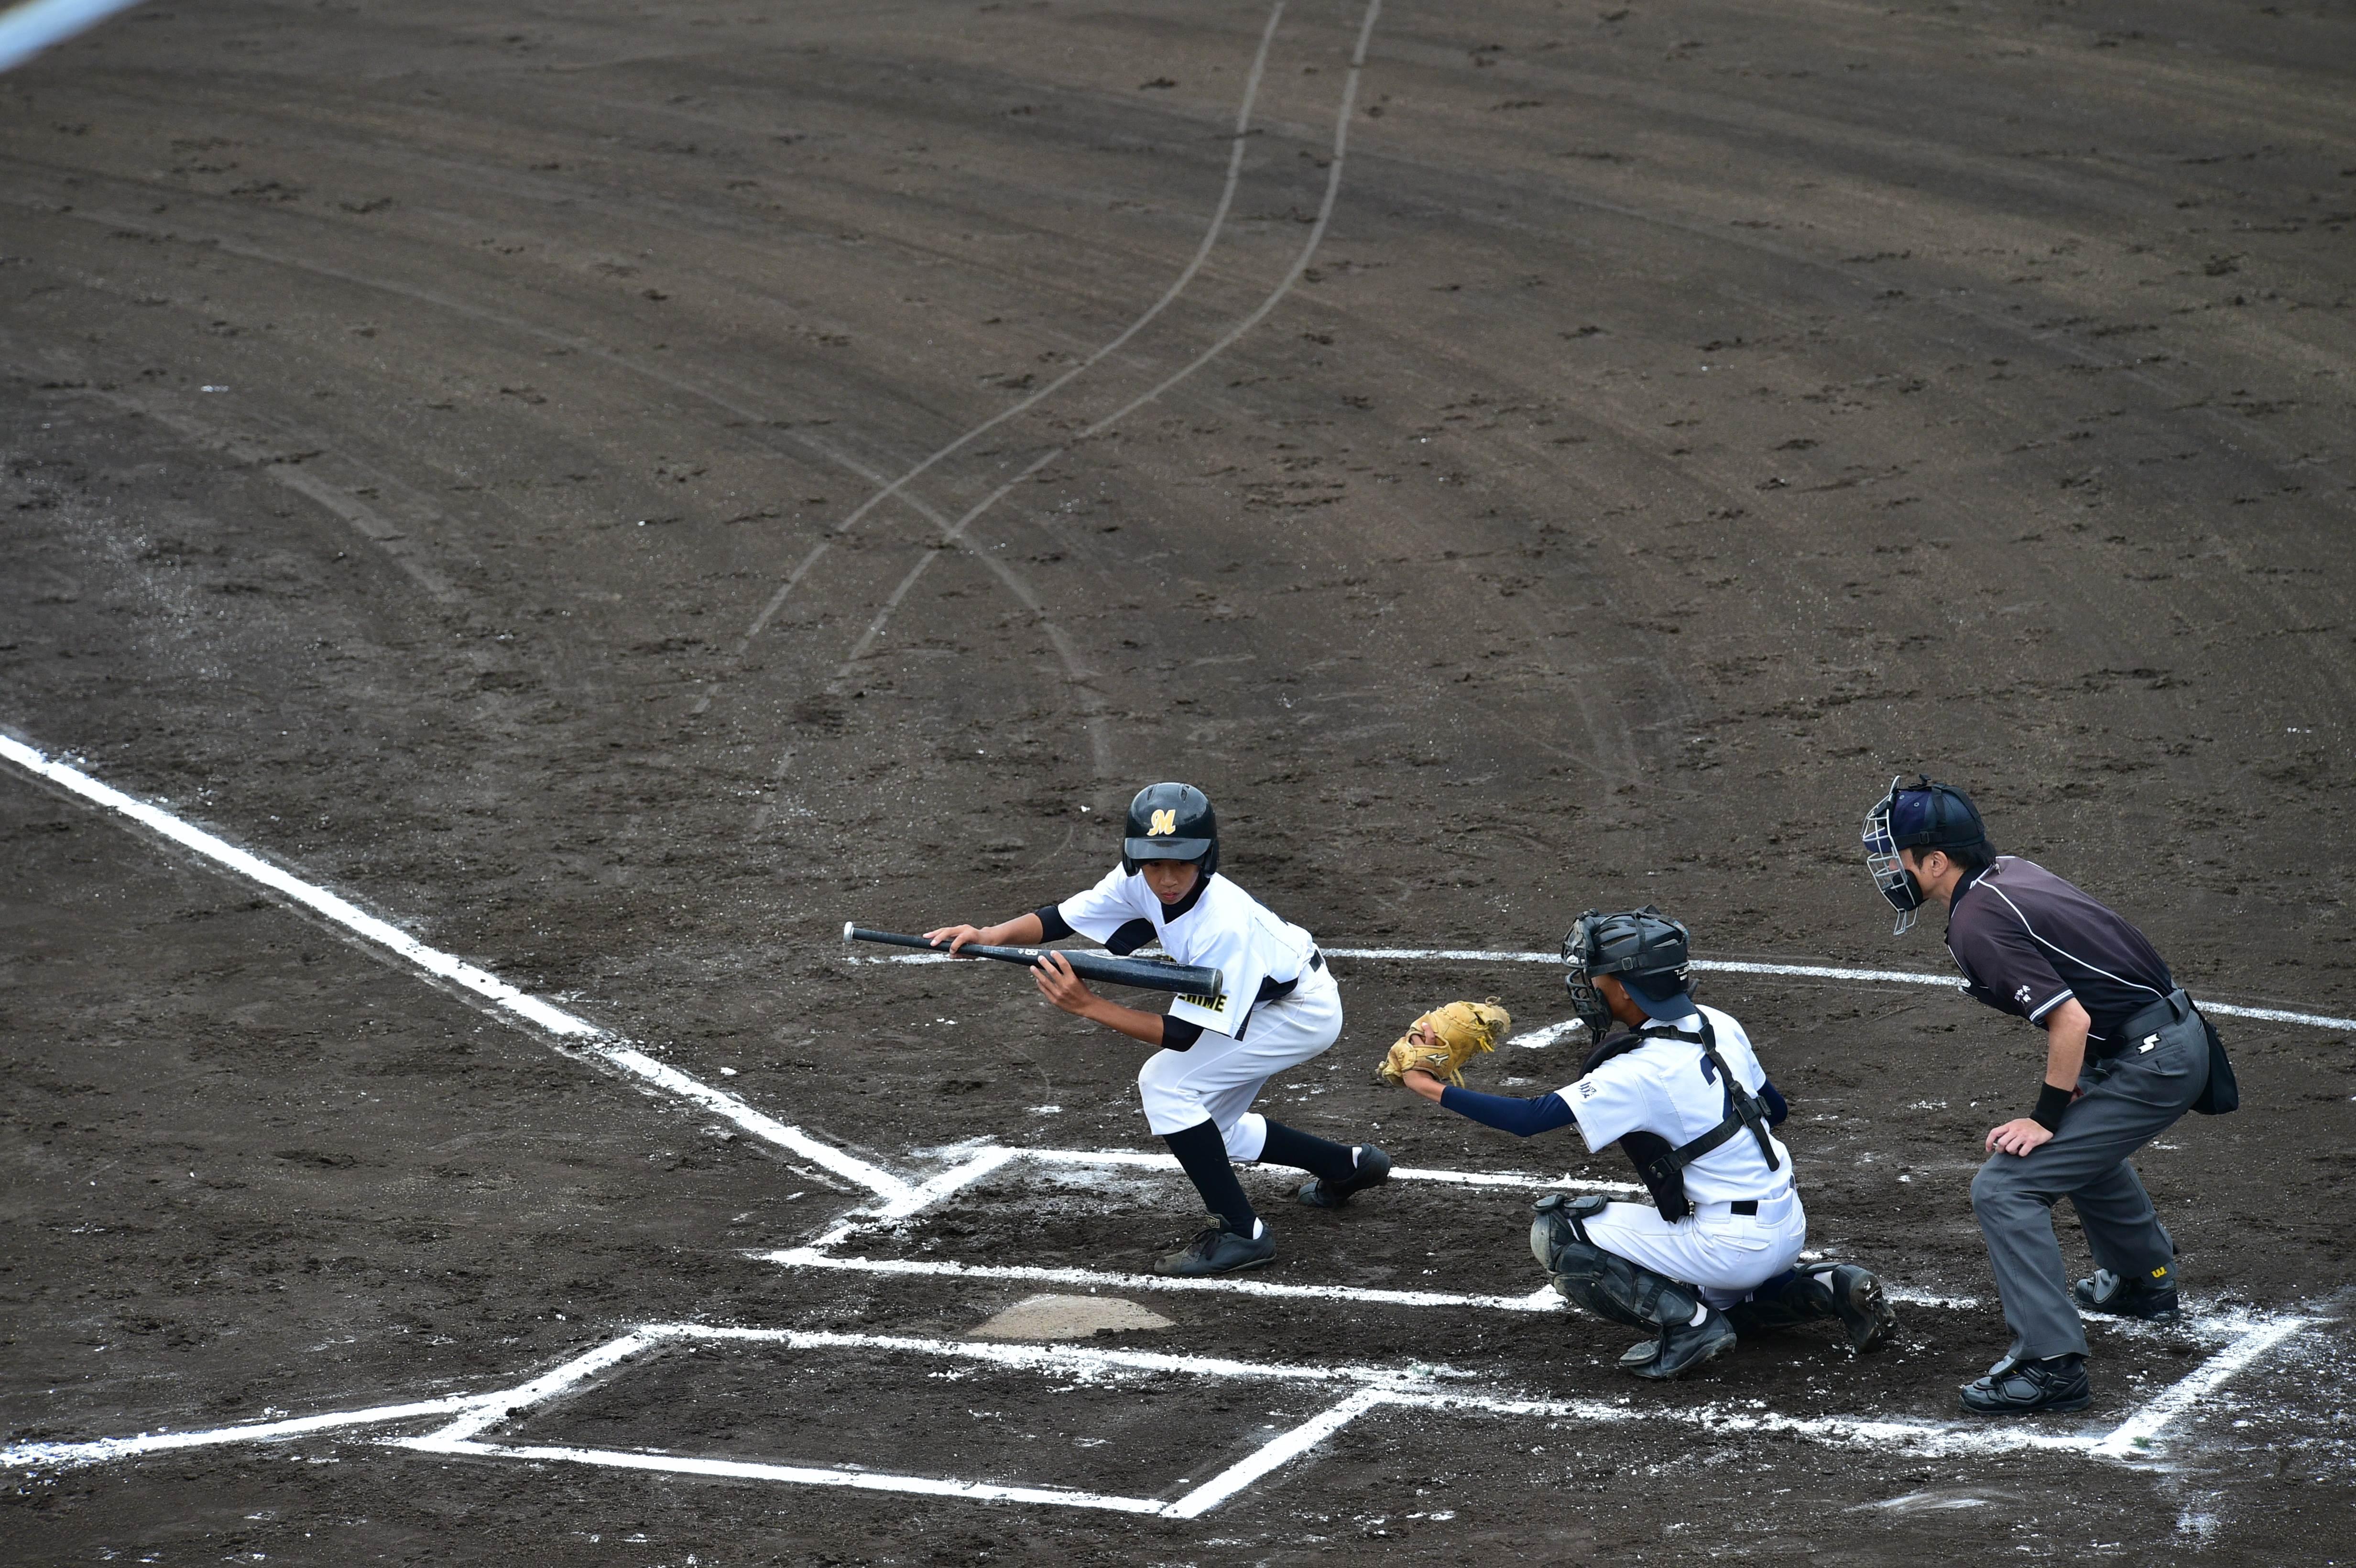 軟式野球 (206)